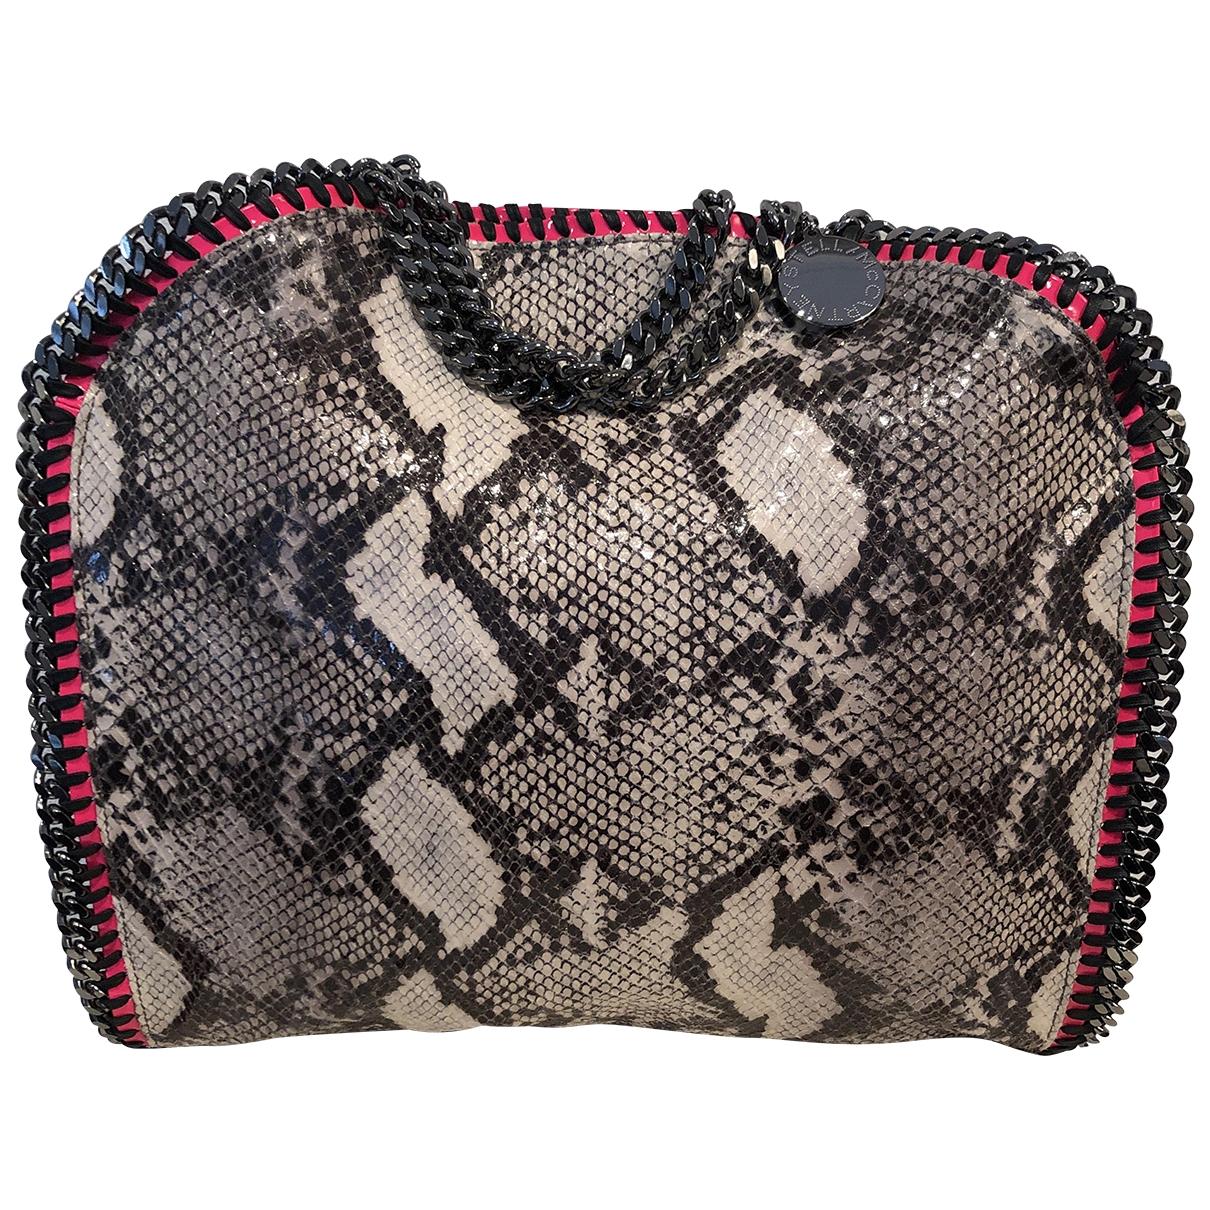 Stella Mccartney Falabella Multicolour Cloth handbag for Women \N